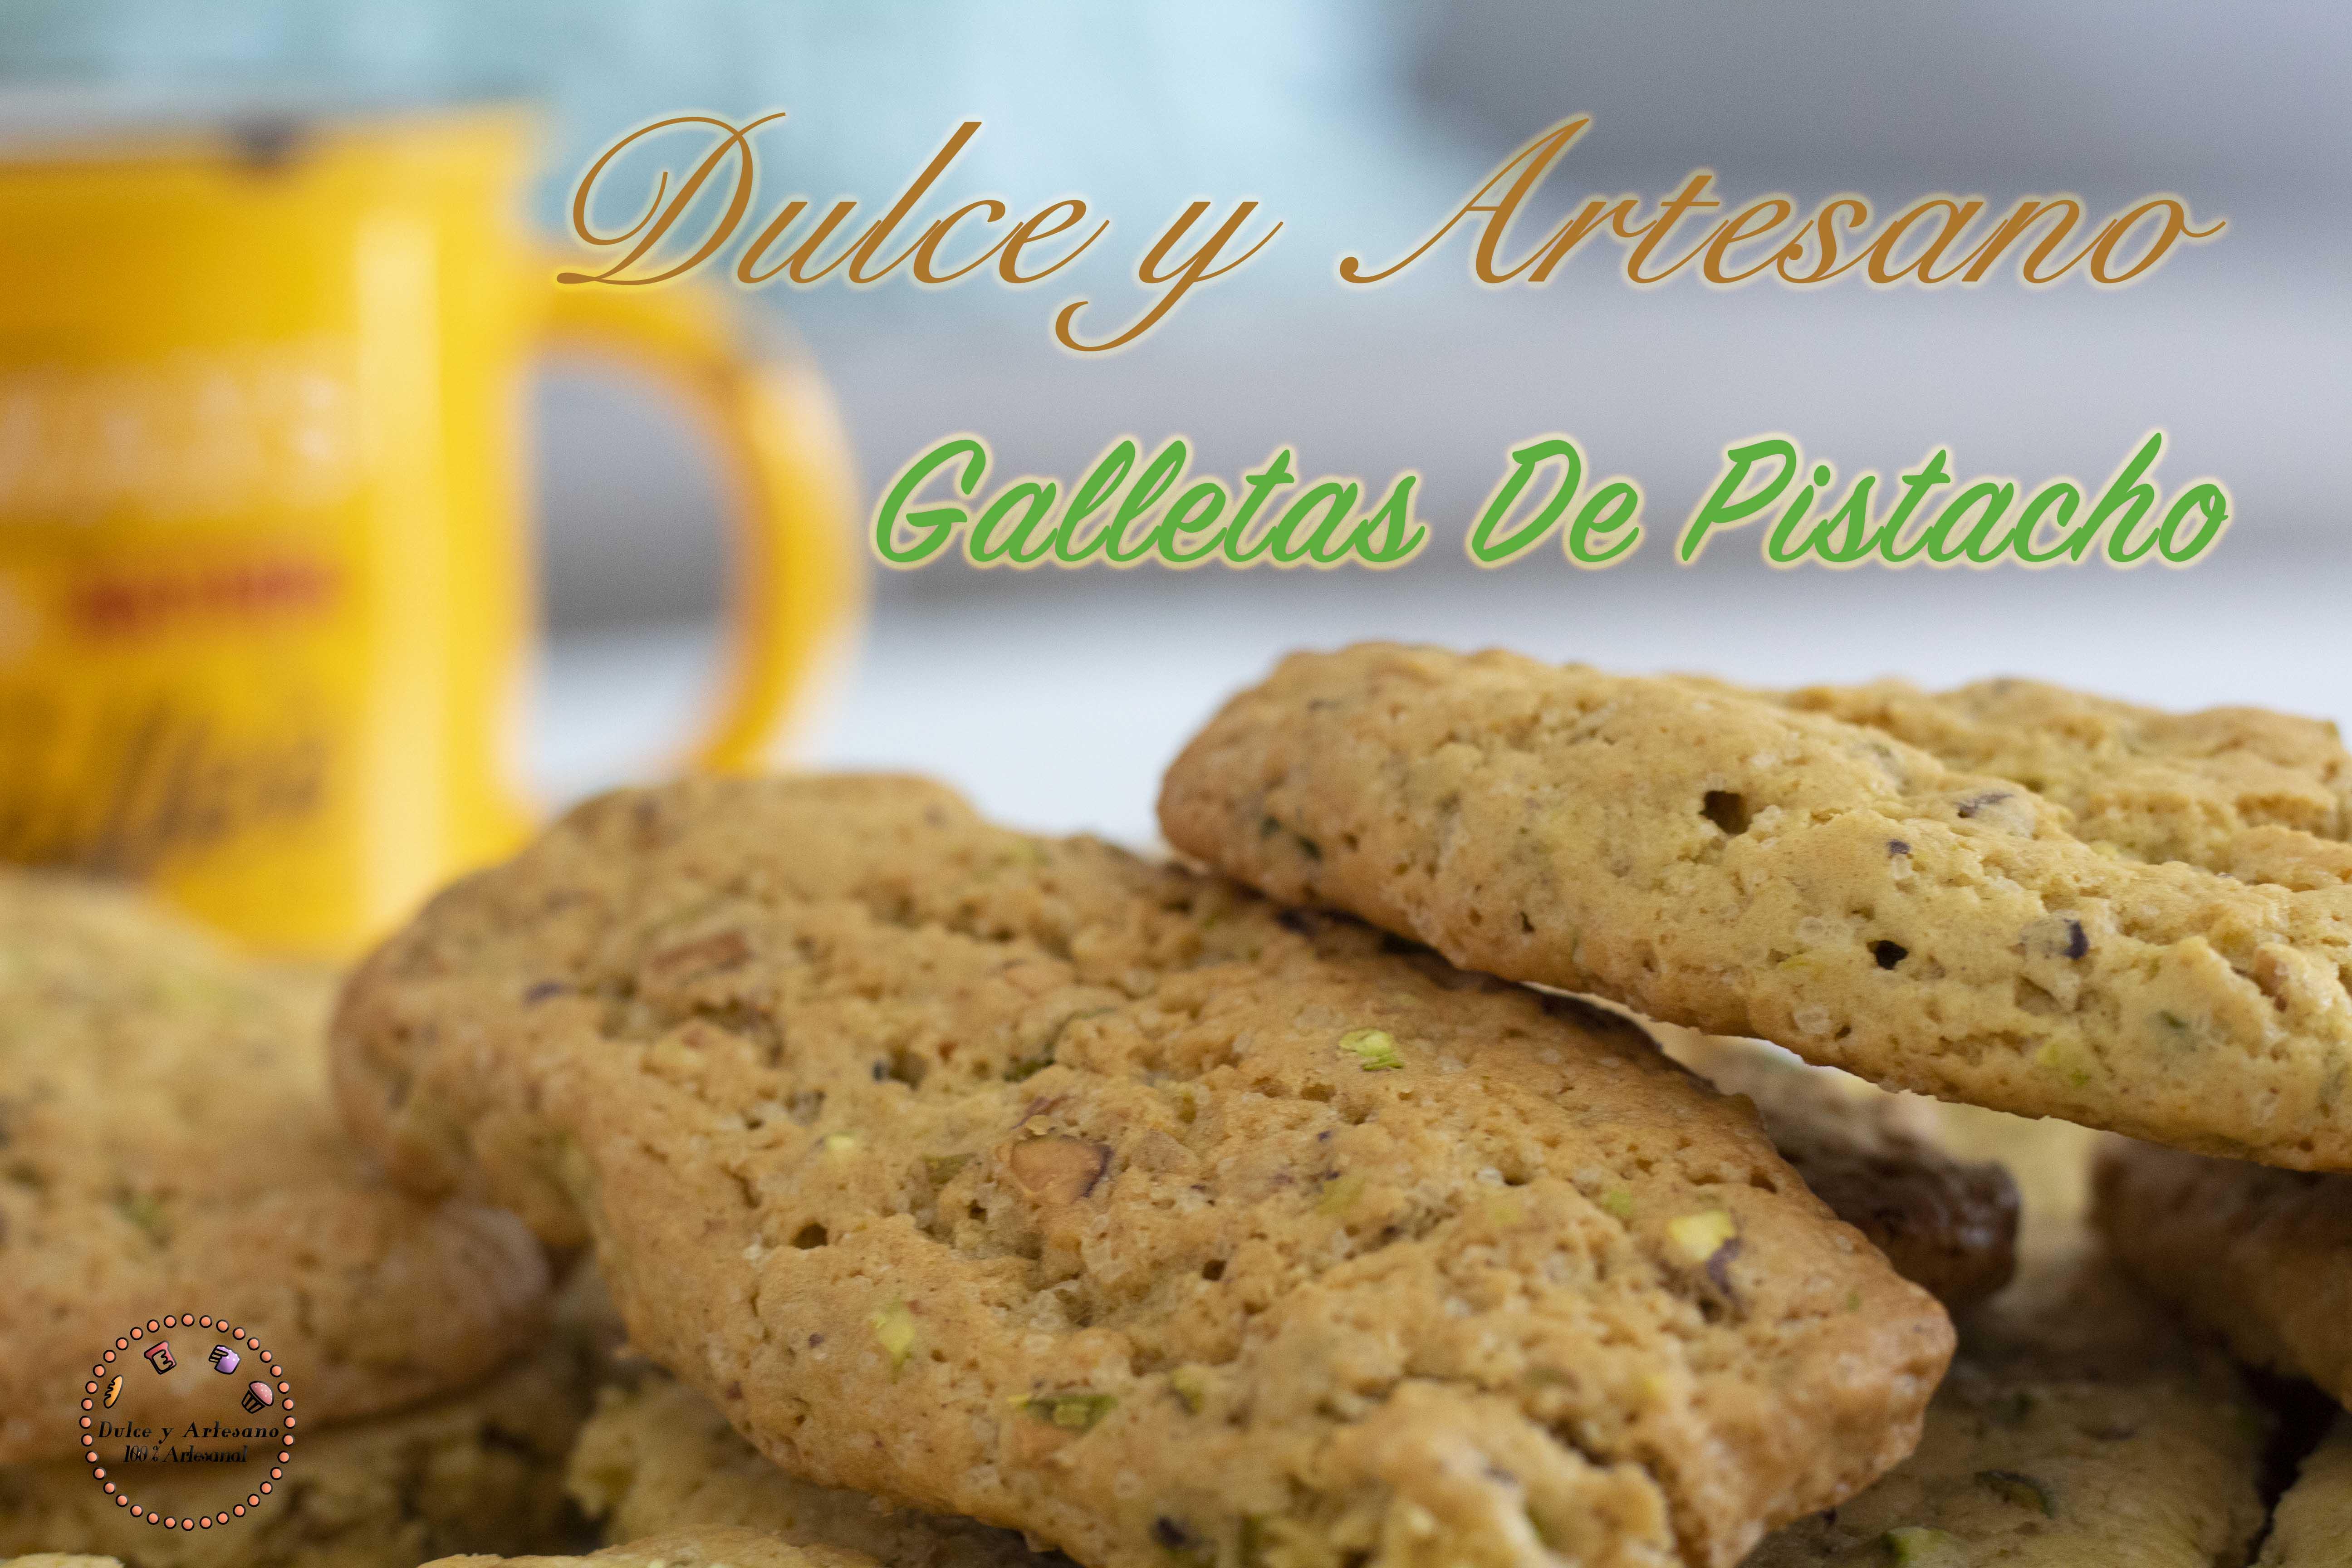 galletas de pistacho 3